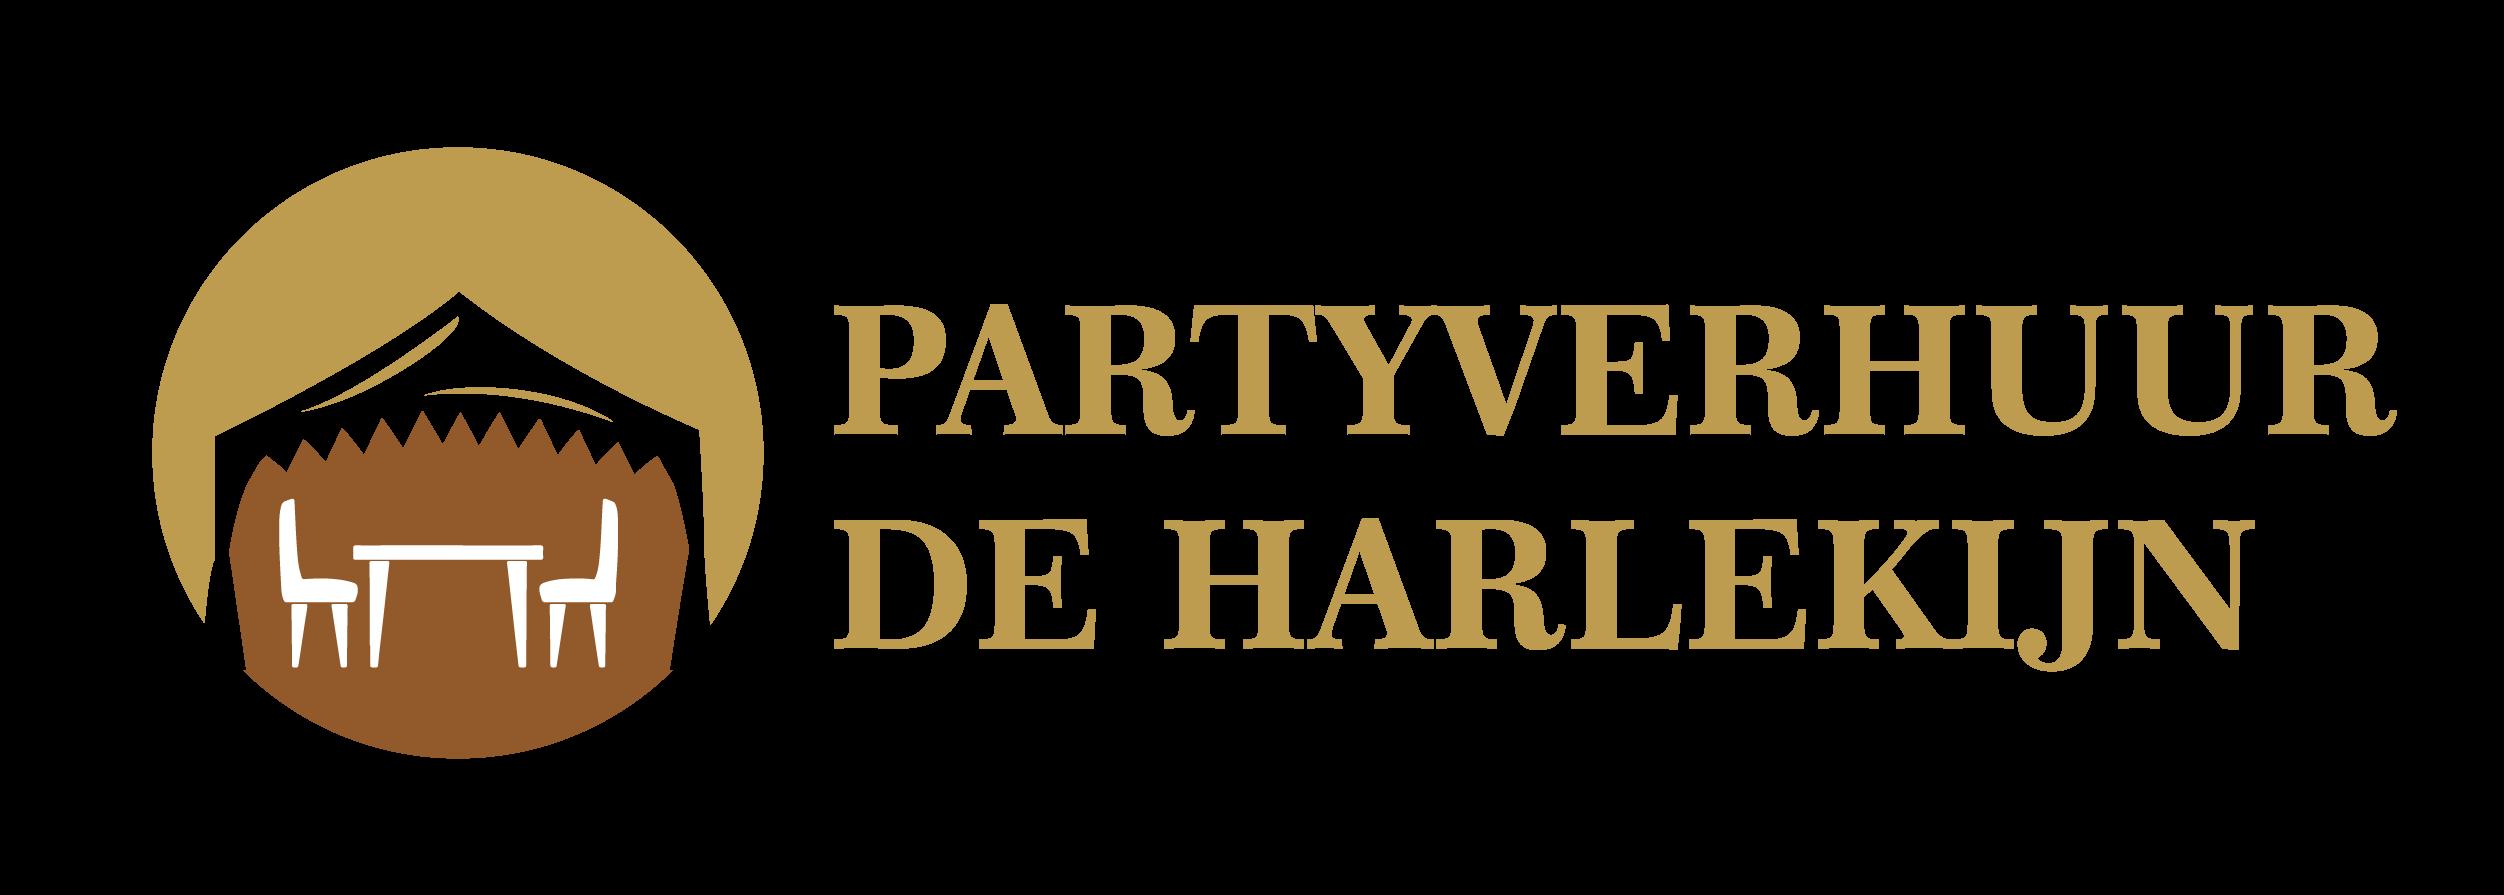 Partyverhuur De Harlekijn